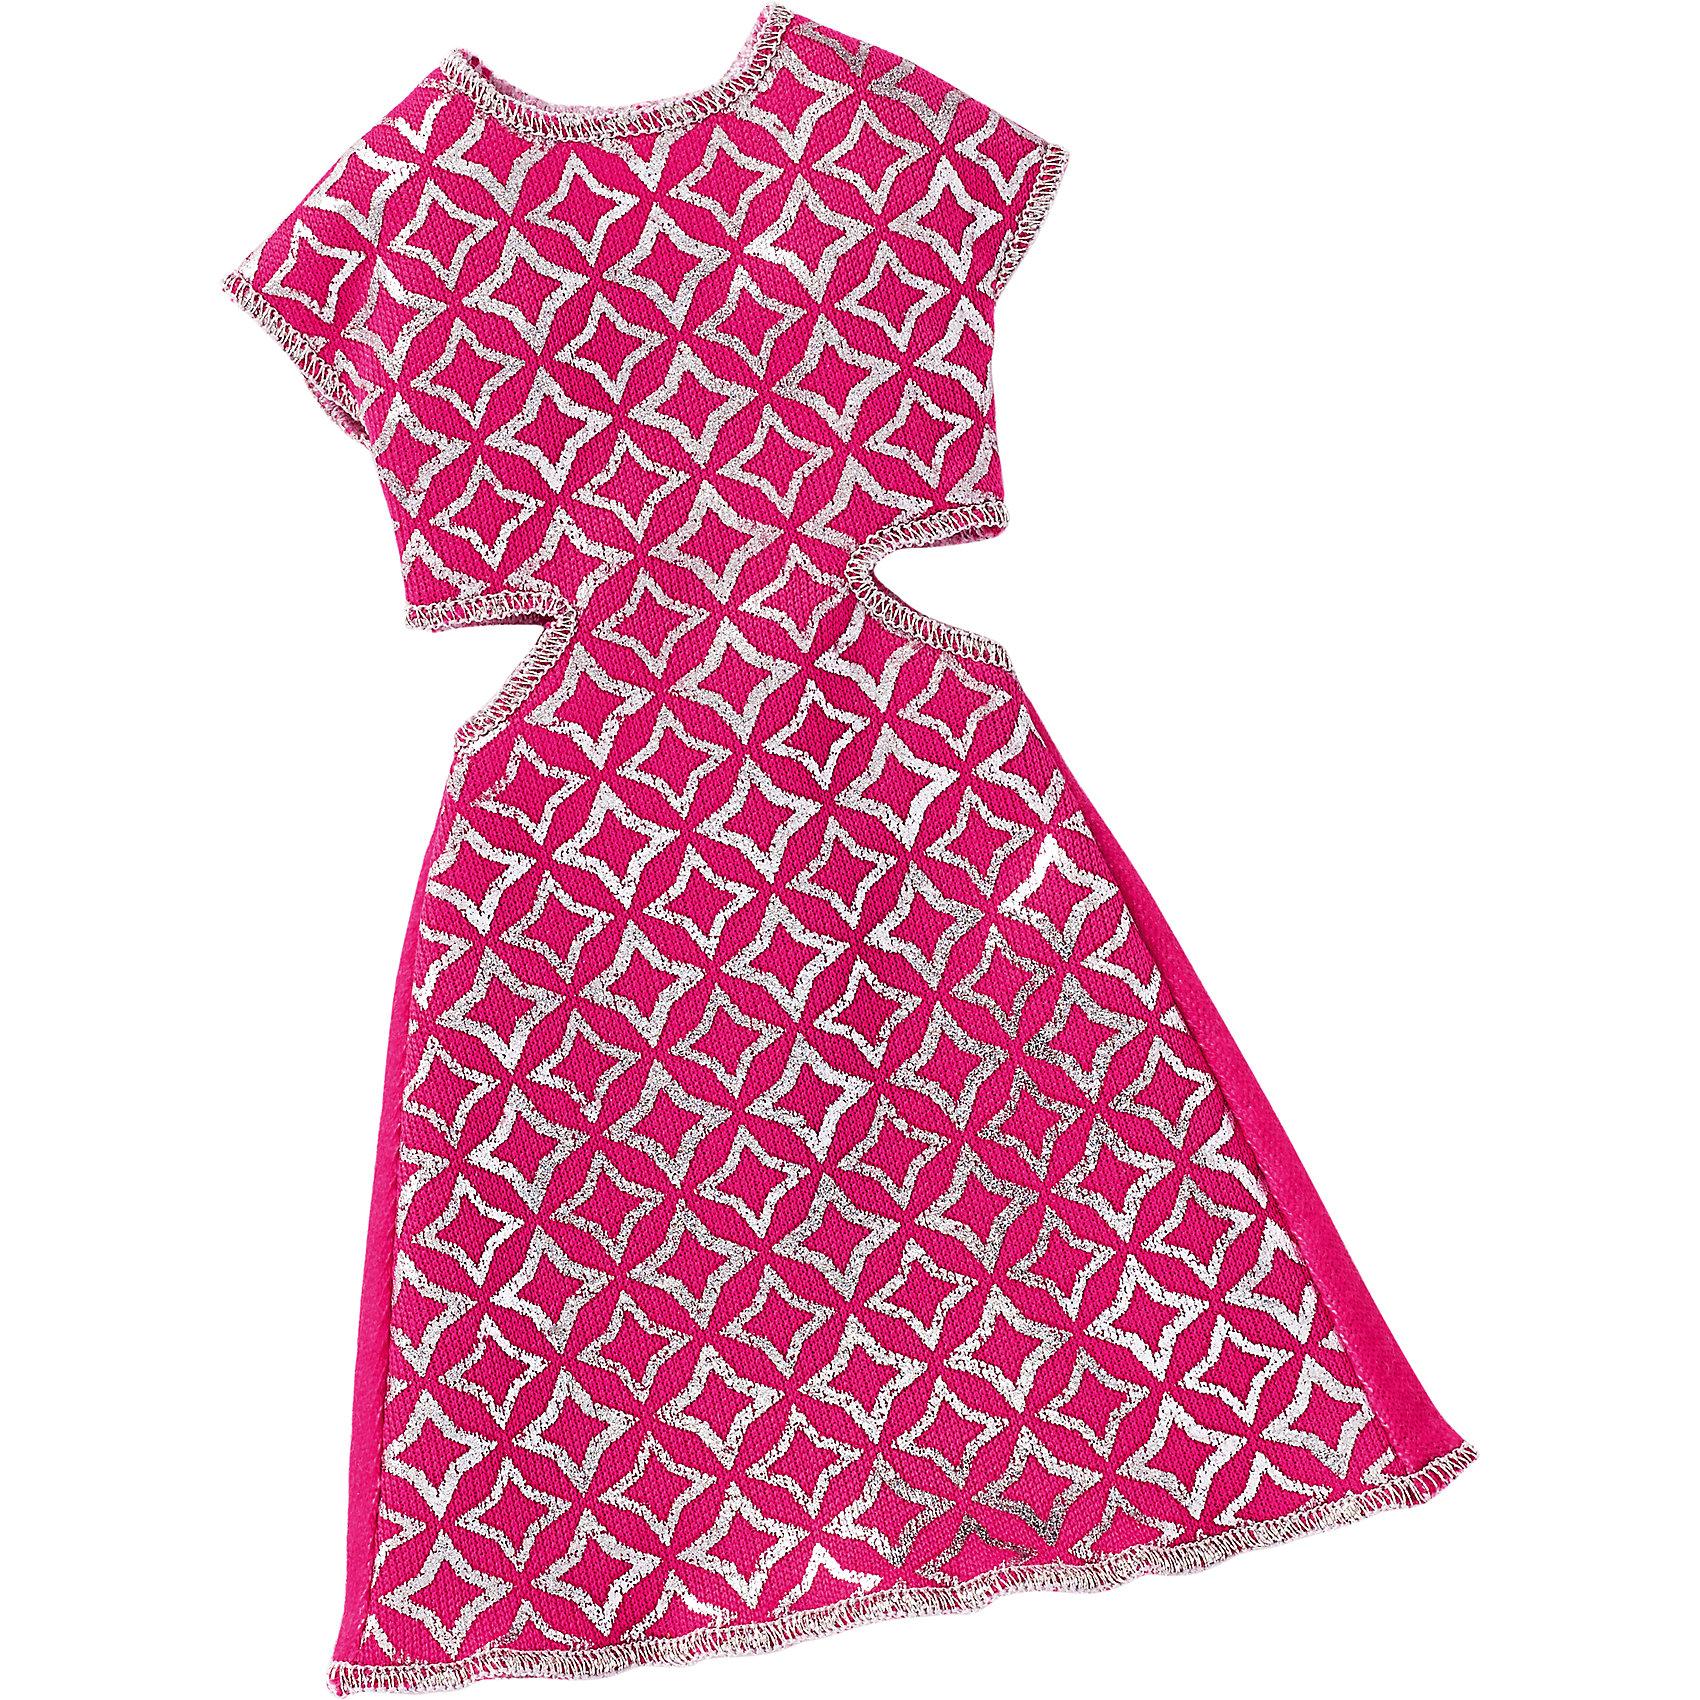 Универсальное платье для куклы (для всех типов фигур), BarbieОдежда для кукол<br>Характеристики товара:<br><br>• цвет: розовый<br>• комплектация: 1 платье<br>• материал: текстиль<br>• ткань с принтом<br>• качественная обработка швов<br>• универсальное: для всех типов фигур<br>• возраст: от трех лет<br>• страна бренда: США<br><br>Это платье порадует маленьких любительниц кукол Barbie. Оно поможет создать новый образ своей кукле. Платье отлично сидит на разных модификациях Барби, оно прекрасно обработано! Такой наряд станет желанным подарком для девочек, которые следят за модными тенденциями.<br><br>Игры с куклами помогают развить у девочек вкус и чувство стиля, отработать сценарии поведения в обществе, развить воображение и мелкую моторику. Барби от бренда Mattel не перестает быть популярной! <br><br>Универсальное платье для куклы (для всех типов фигур), Barbie, от компании Mattel можно купить в нашем интернет-магазине.<br><br>Ширина мм: 155<br>Глубина мм: 83<br>Высота мм: 15<br>Вес г: 11<br>Возраст от месяцев: 36<br>Возраст до месяцев: 72<br>Пол: Женский<br>Возраст: Детский<br>SKU: 5389690